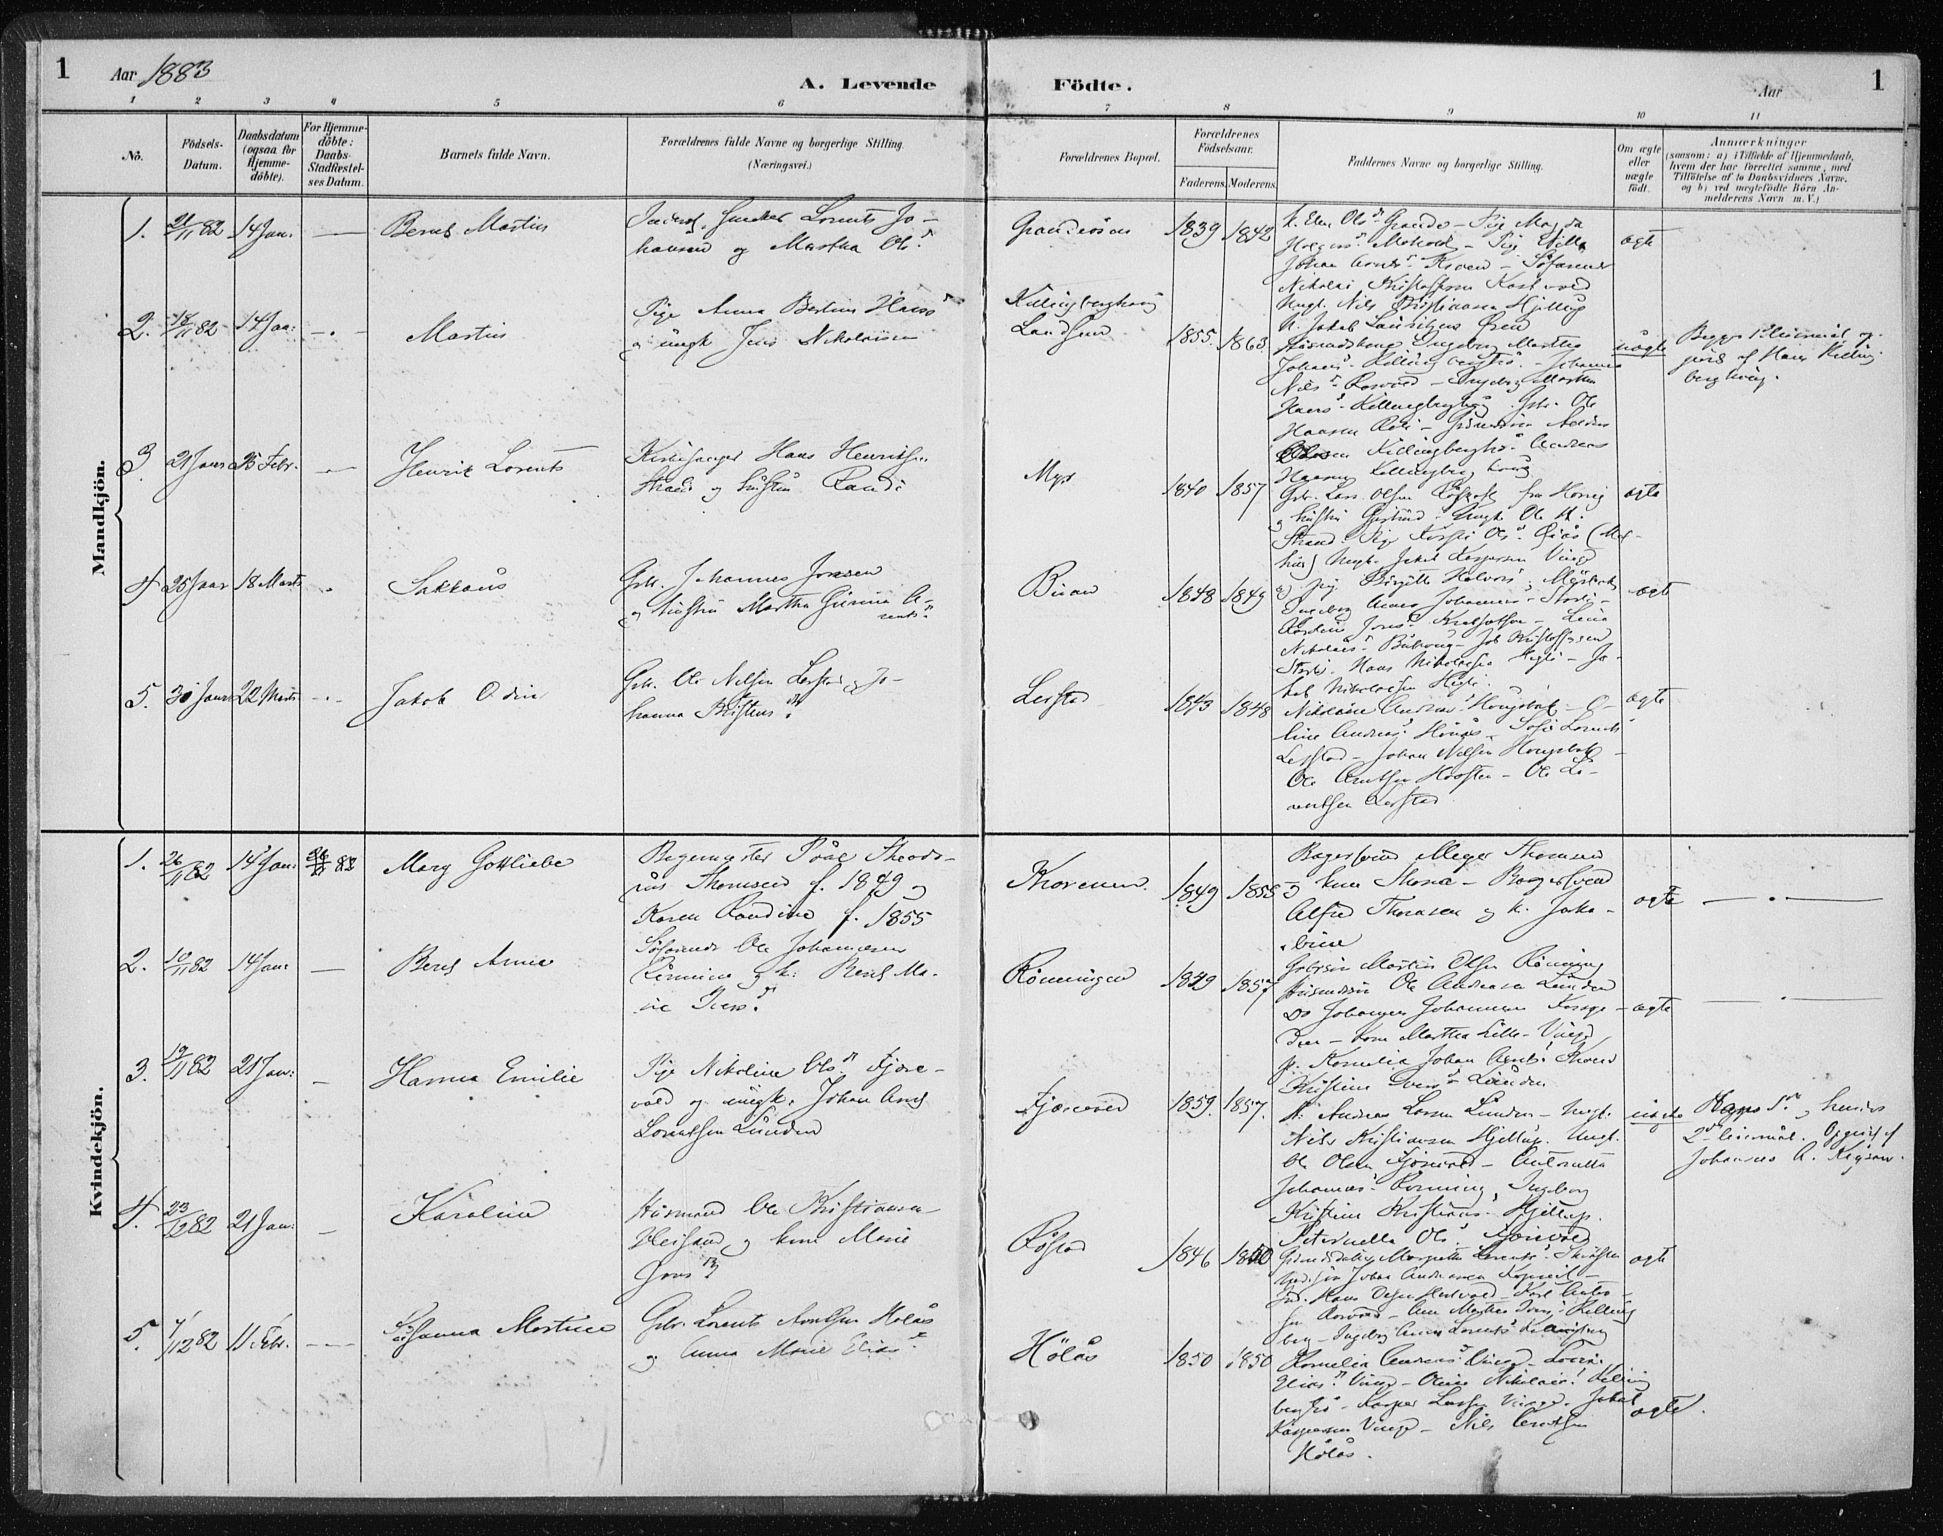 SAT, Ministerialprotokoller, klokkerbøker og fødselsregistre - Nord-Trøndelag, 701/L0010: Ministerialbok nr. 701A10, 1883-1899, s. 1